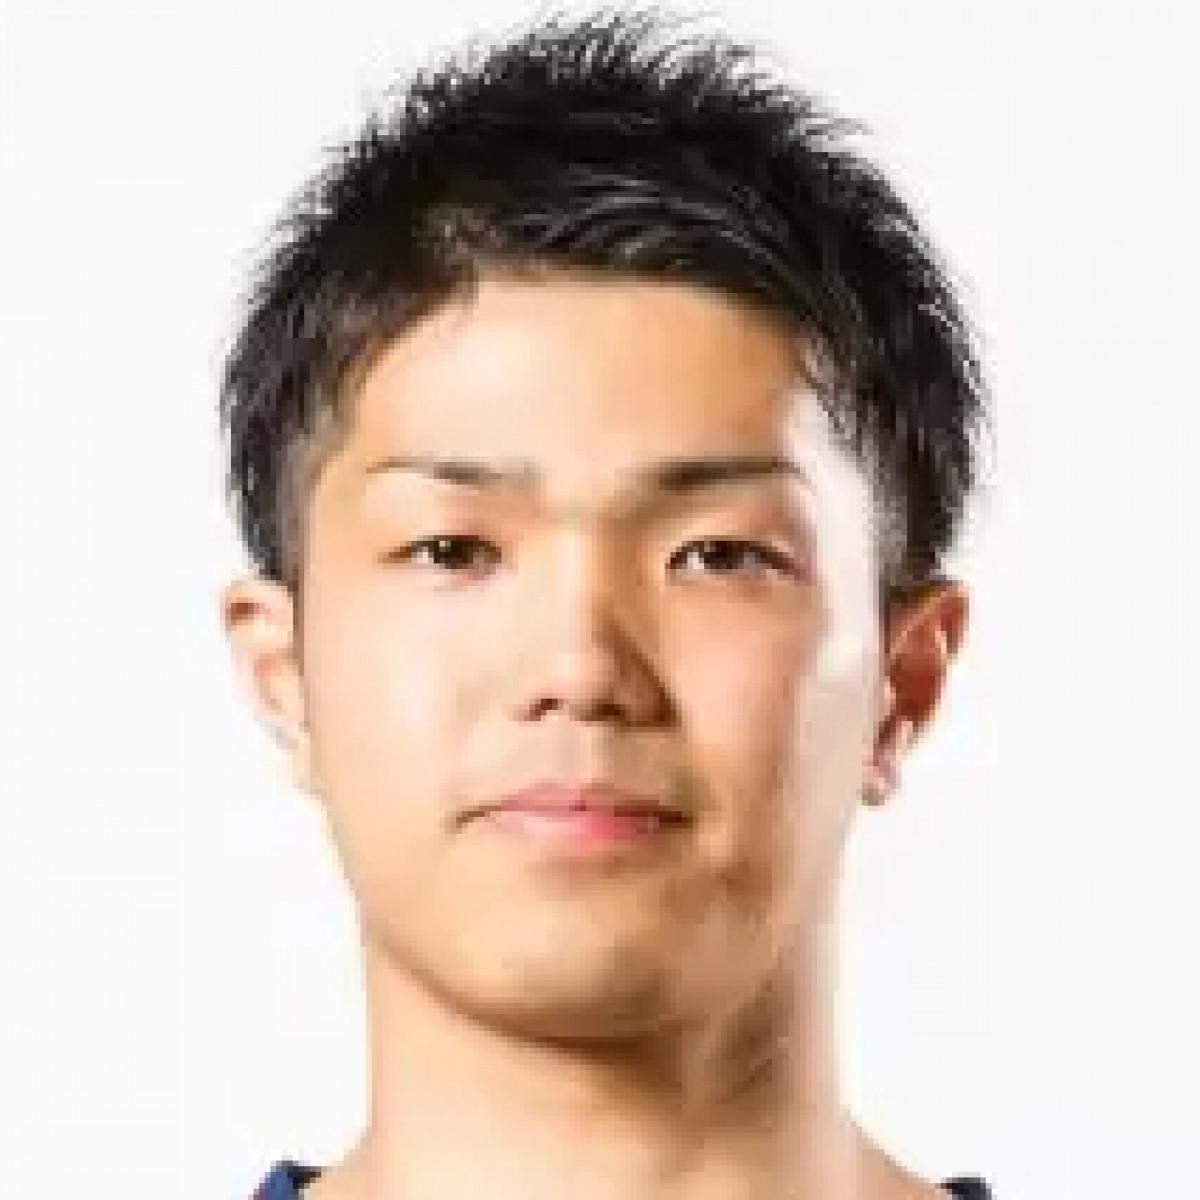 Teppei Kashiwagura